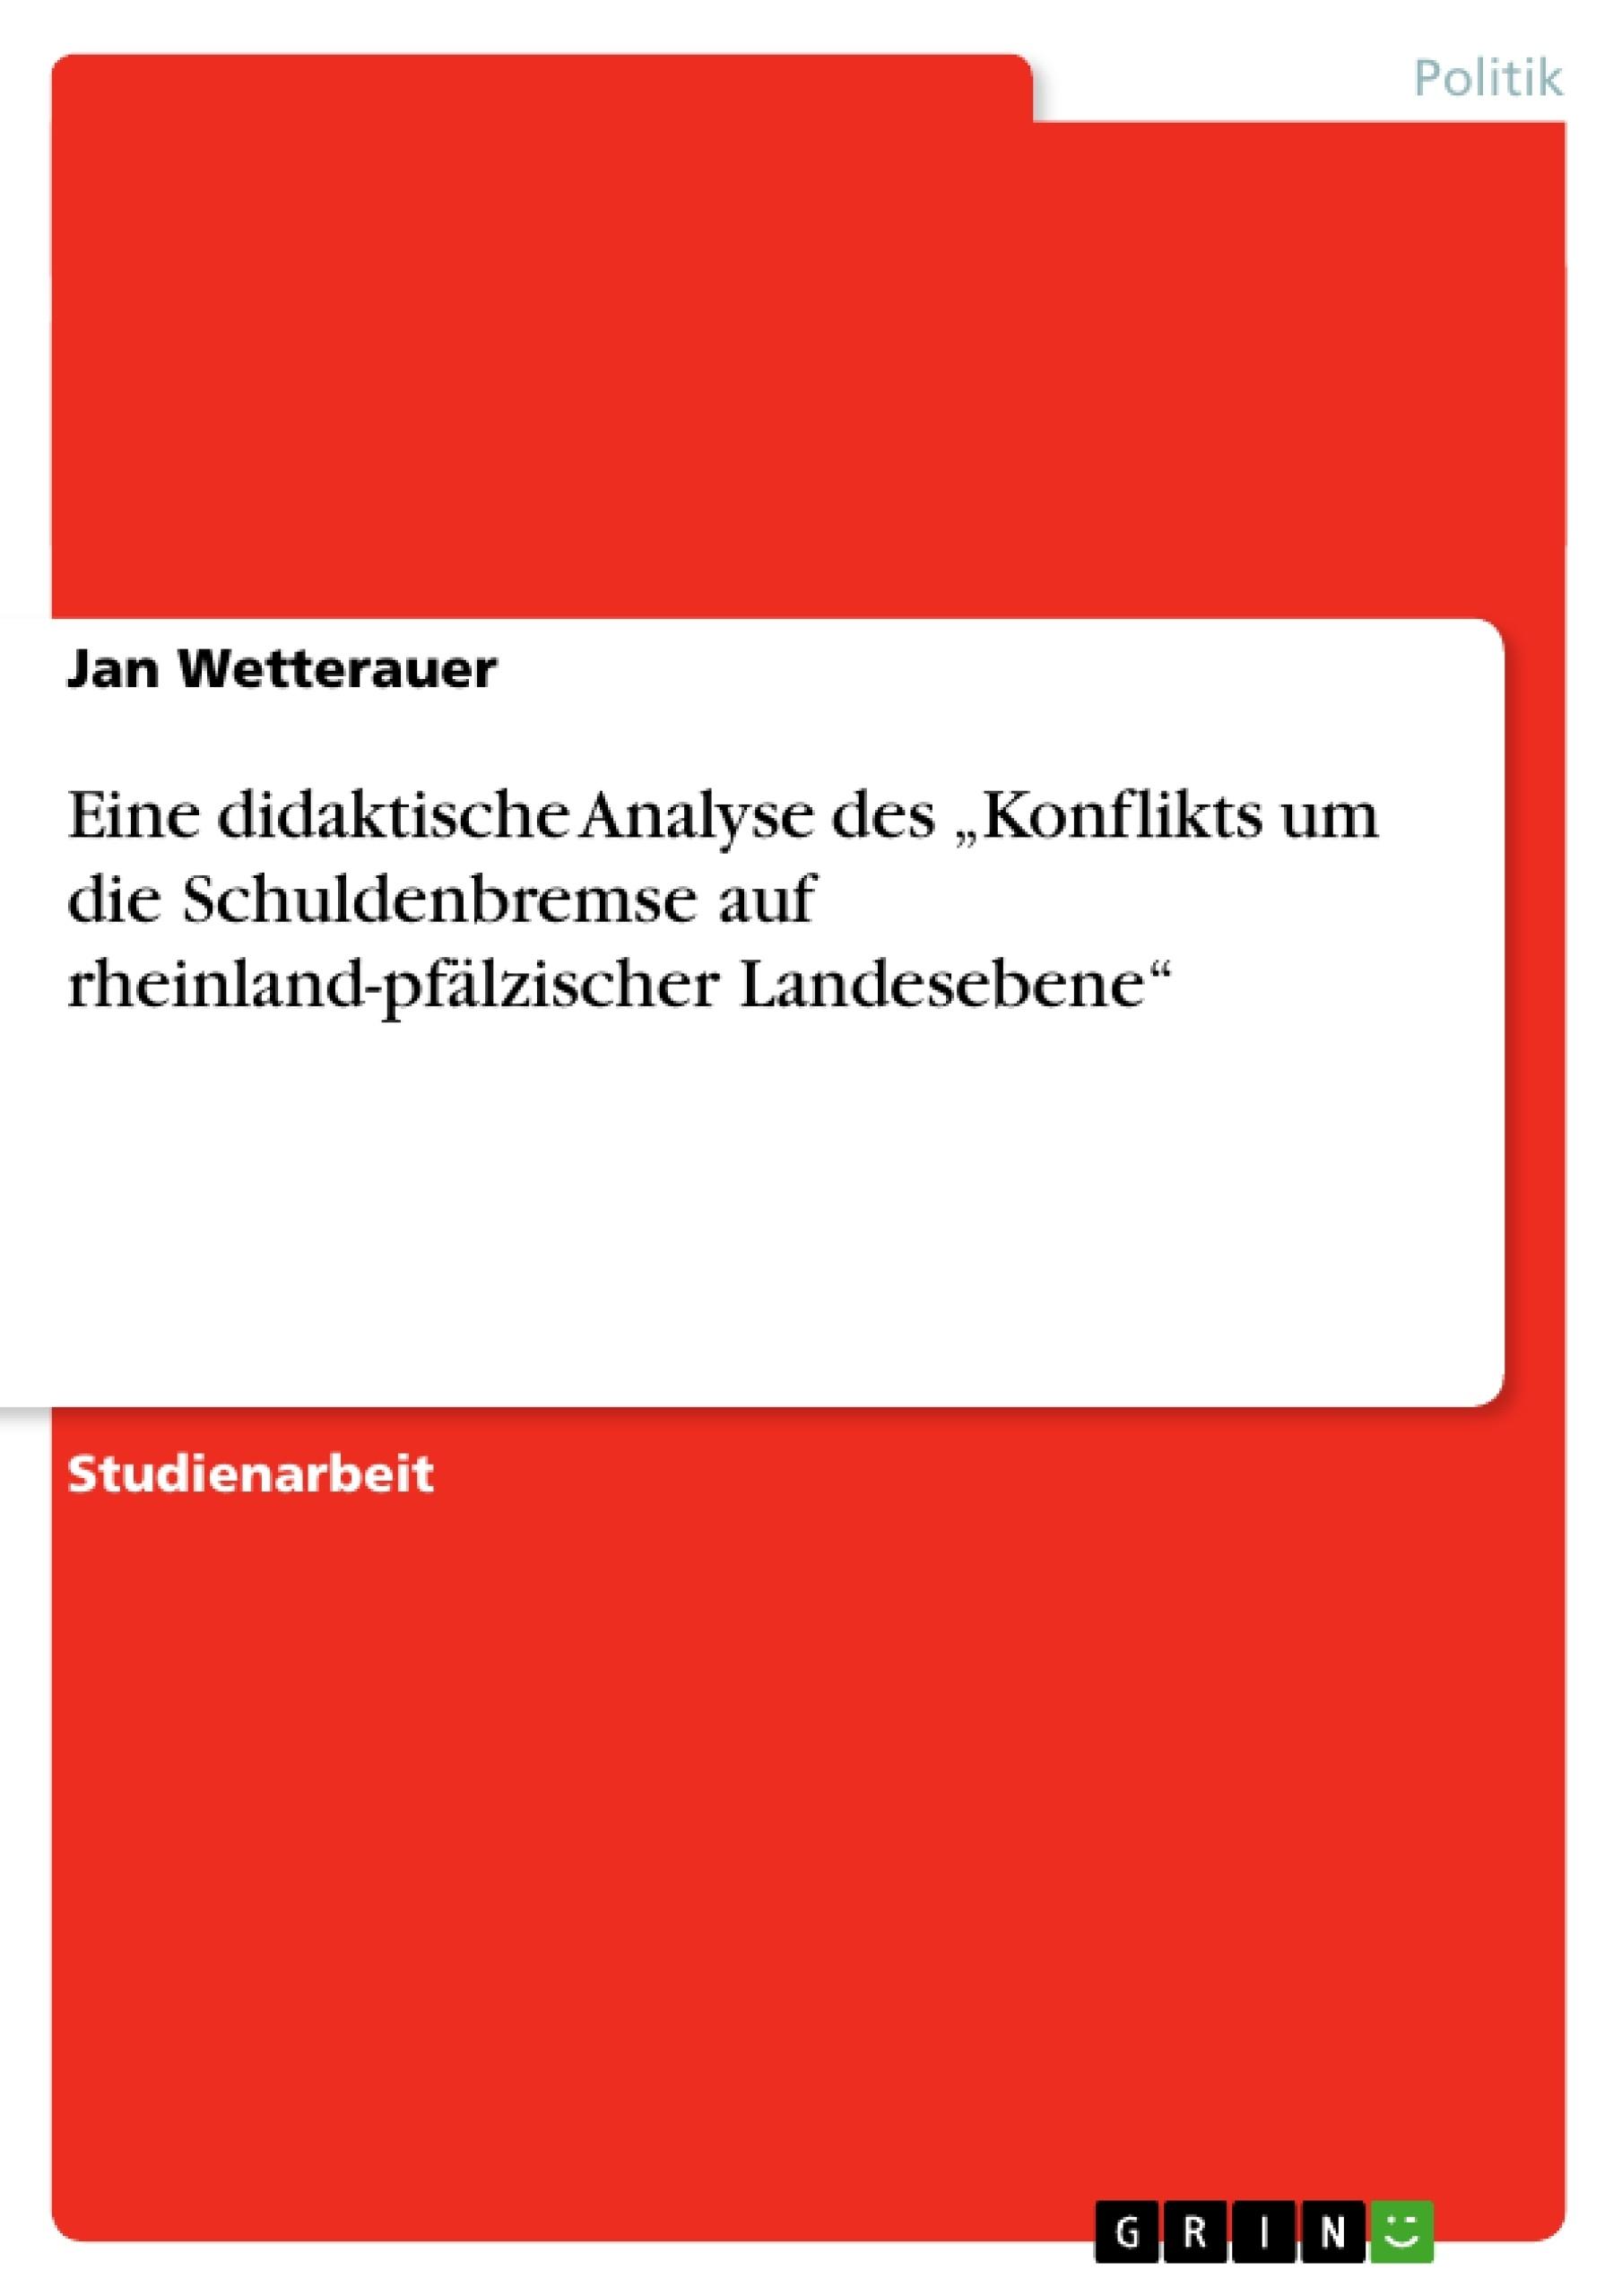 """Titel: Eine didaktische Analyse des """"Konflikts um die Schuldenbremse auf rheinland-pfälzischer Landesebene"""""""